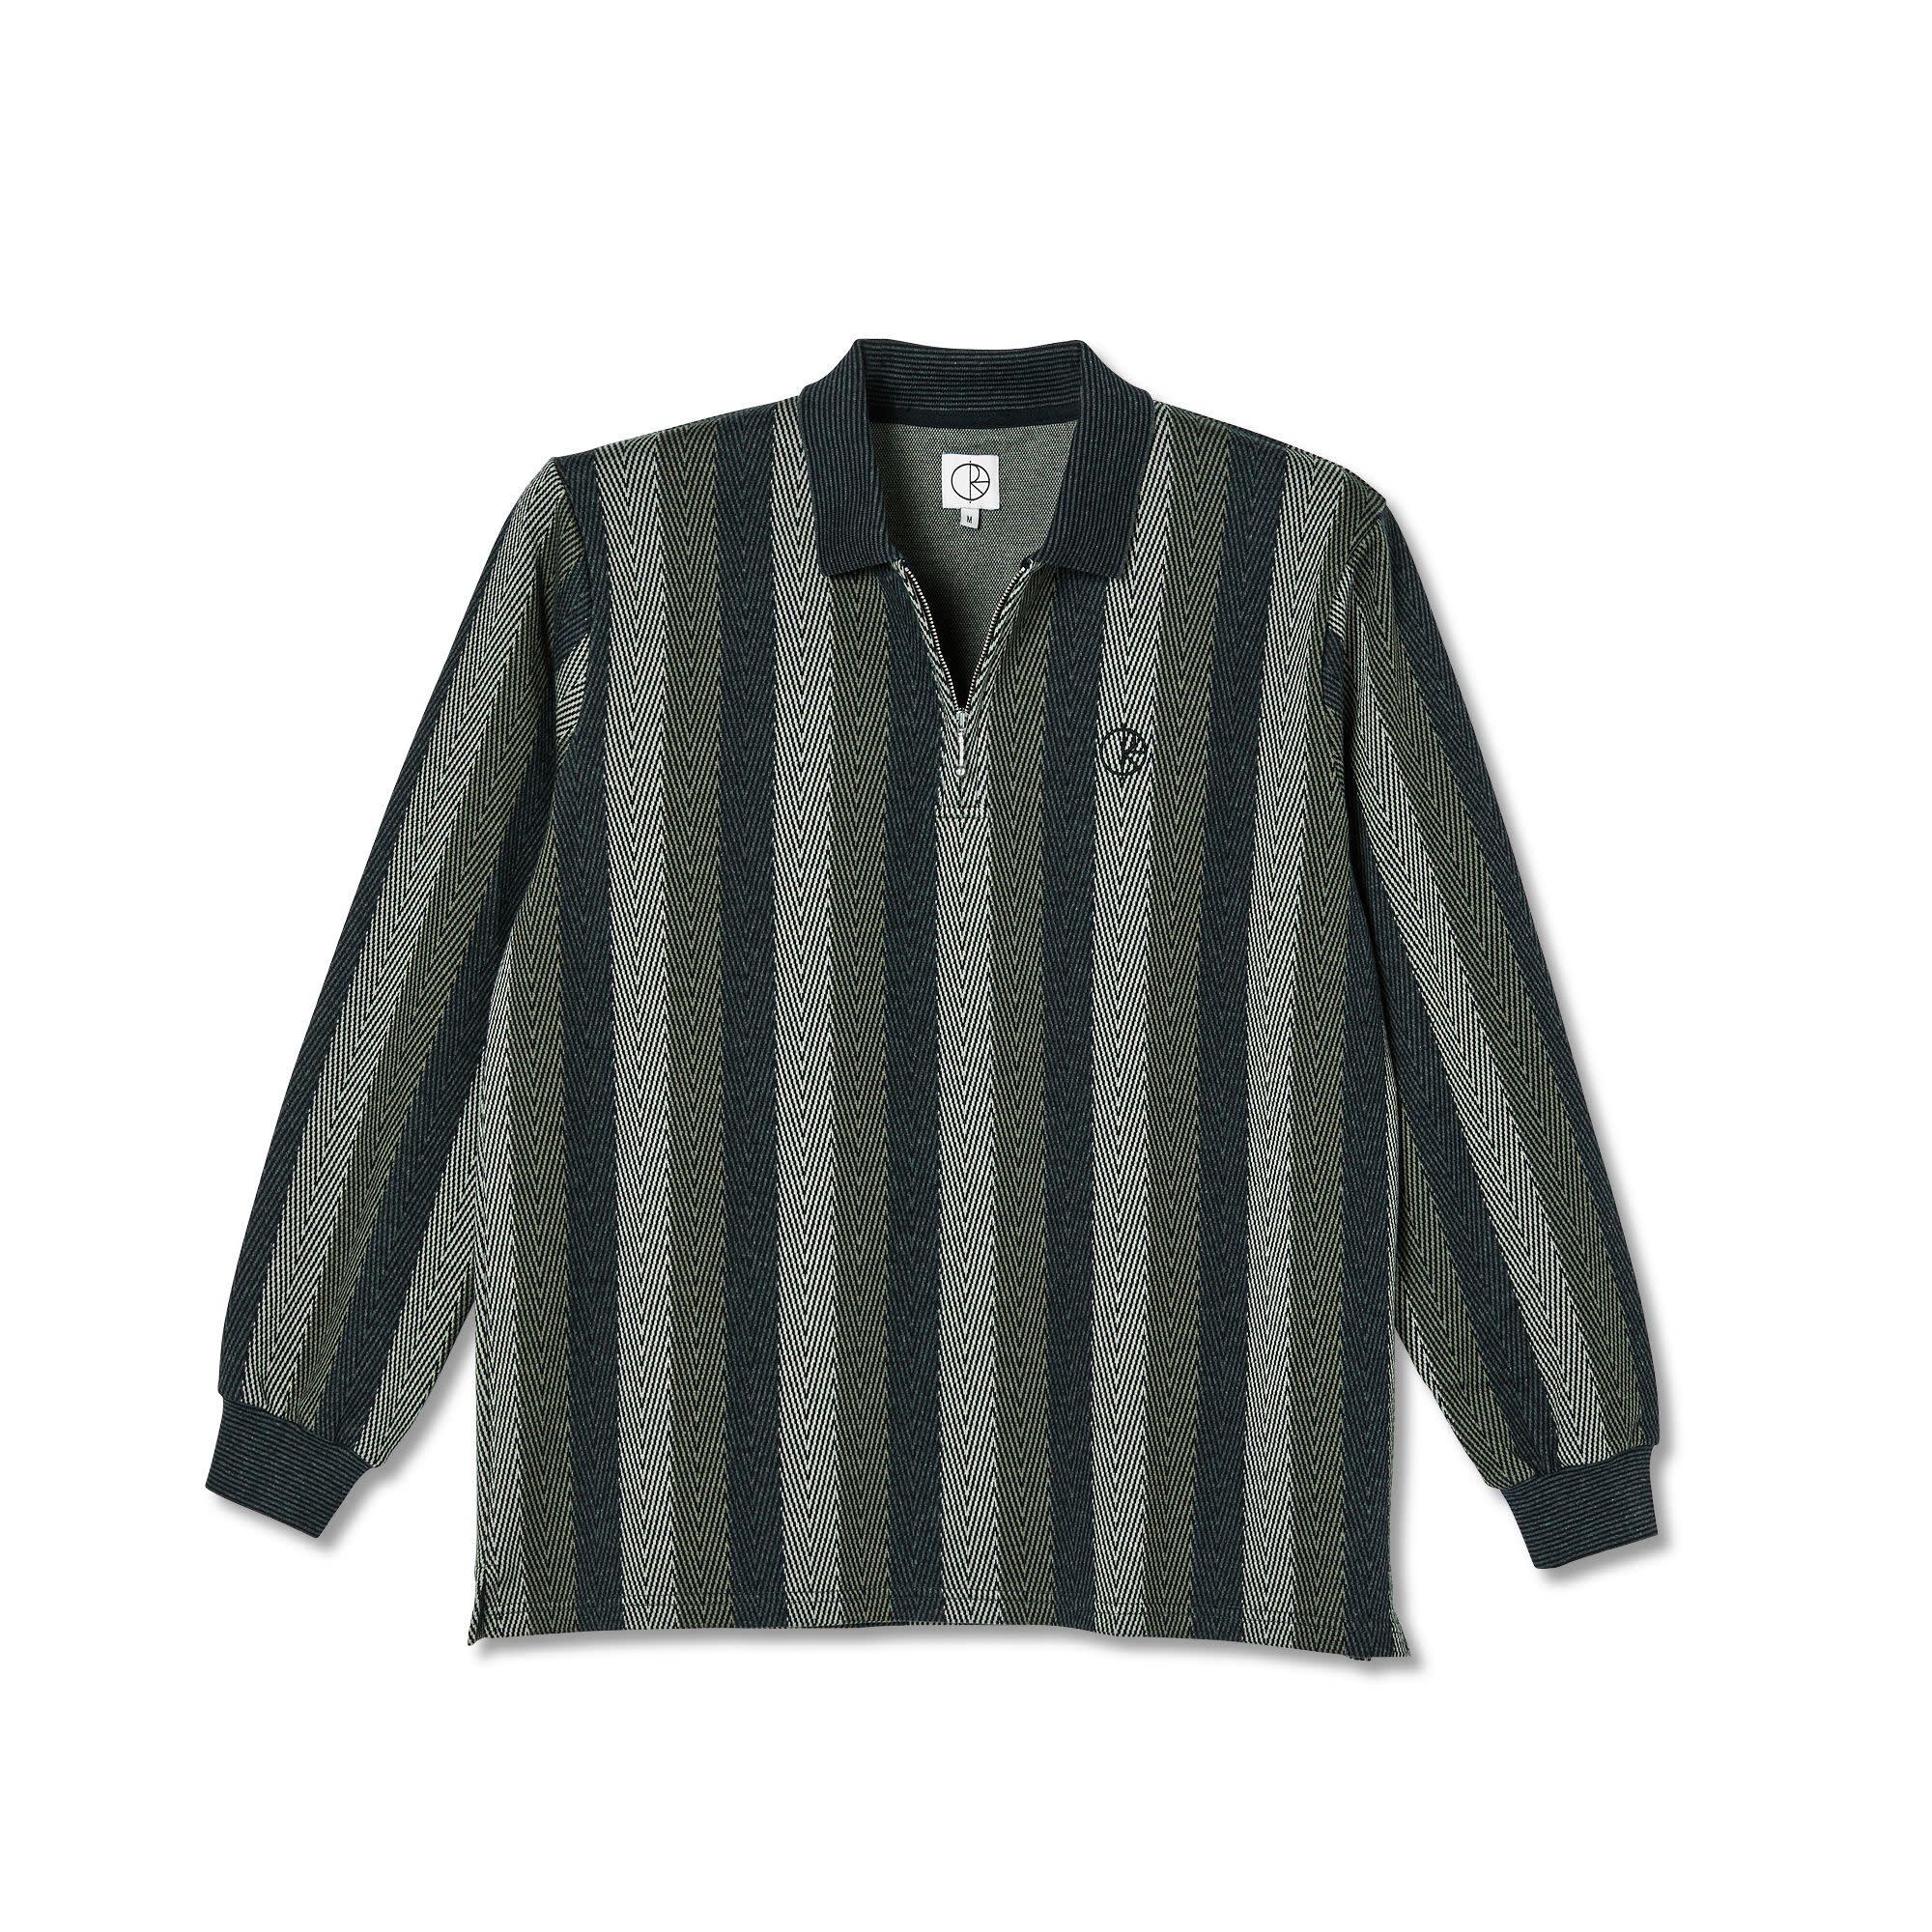 Polar Skate Co. Jacques L/S Polo Shirt Khaki